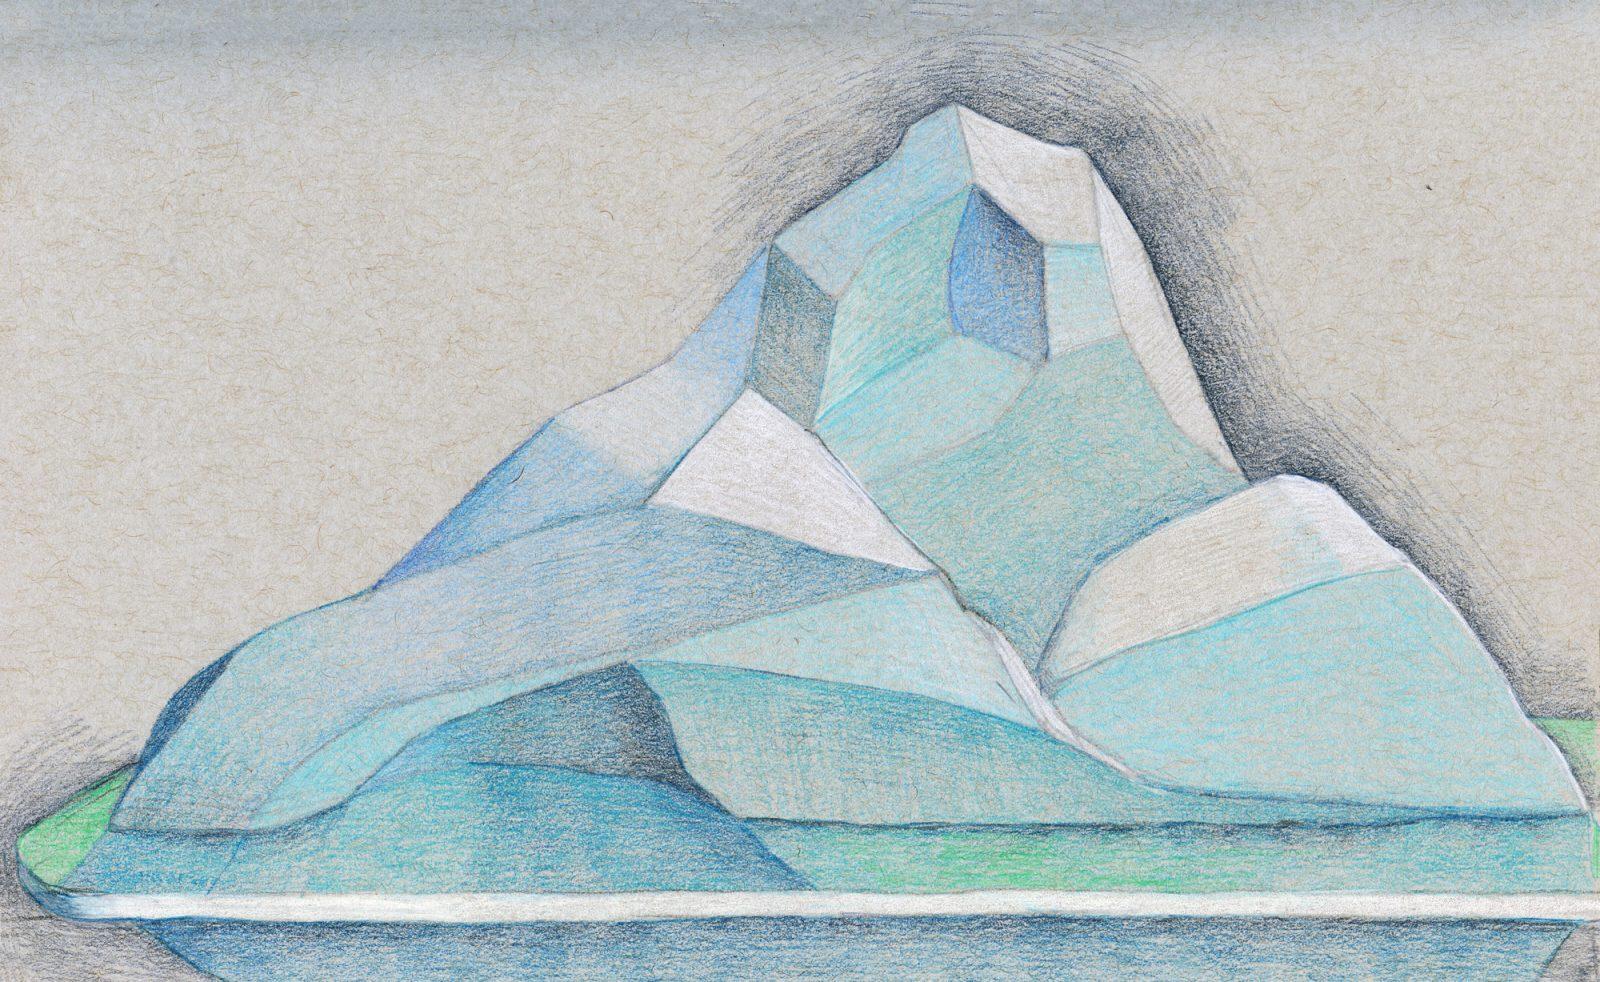 Iceberg study